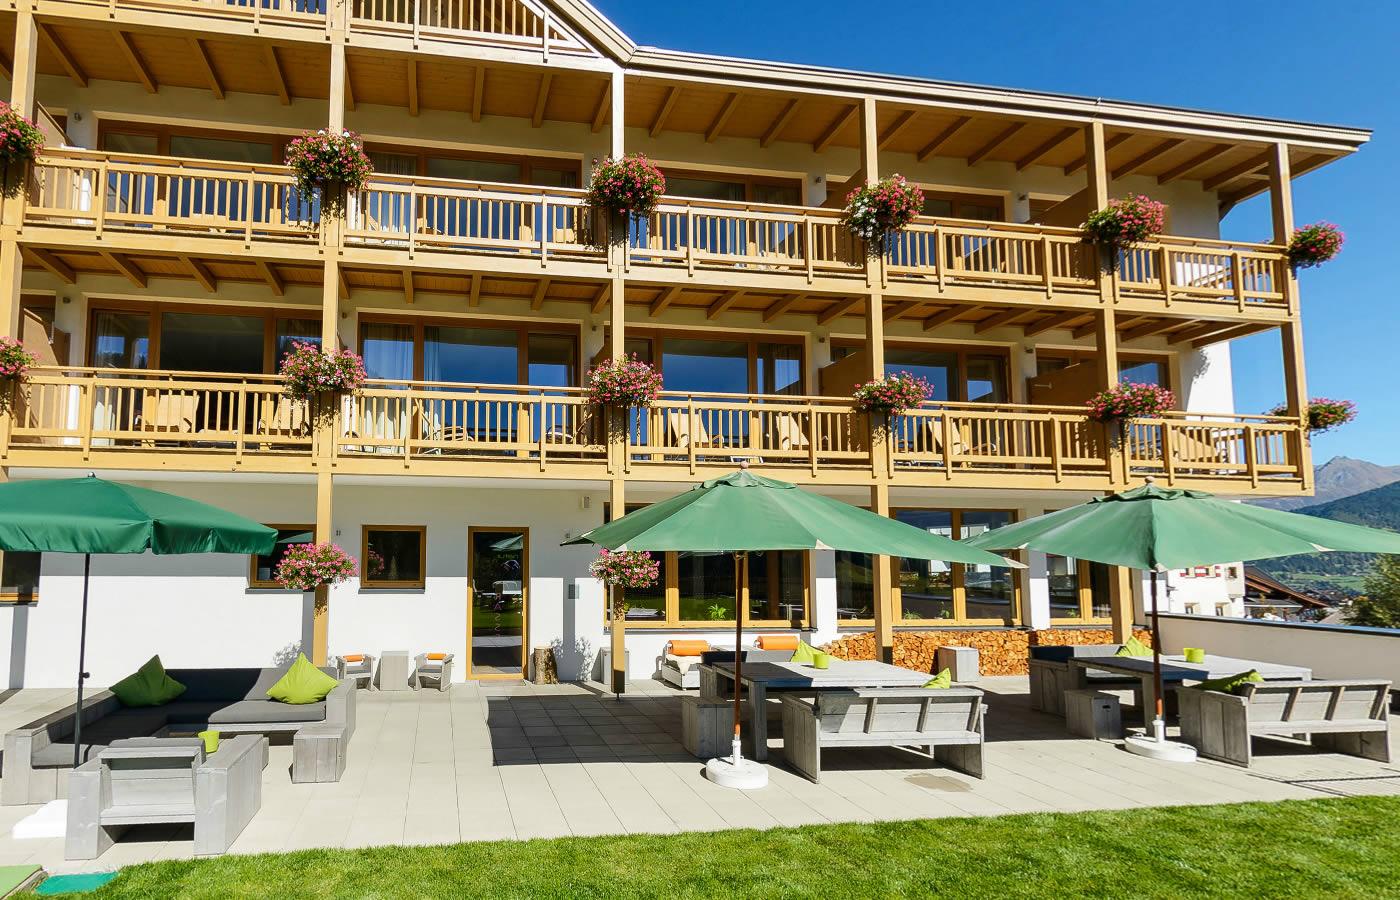 Hotel Süd-West Ansicht mit Terrasse. Natürlich in Tirol, Österreich.